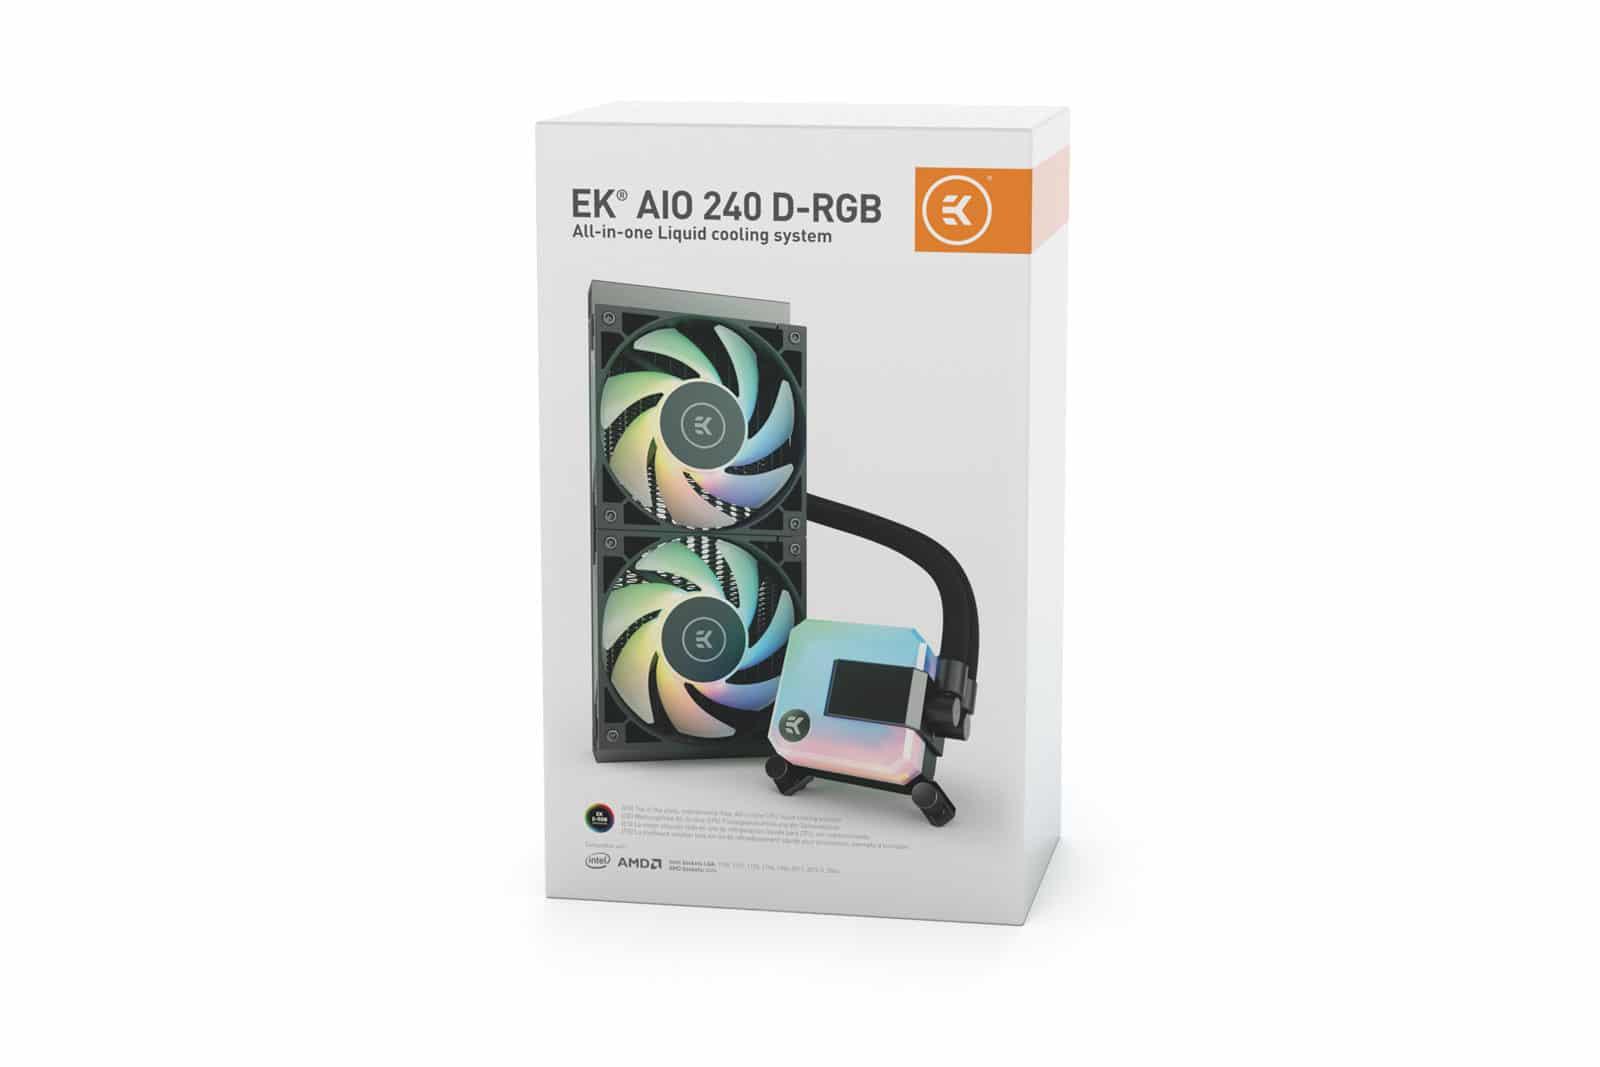 EK-AIO 240 D-RGB